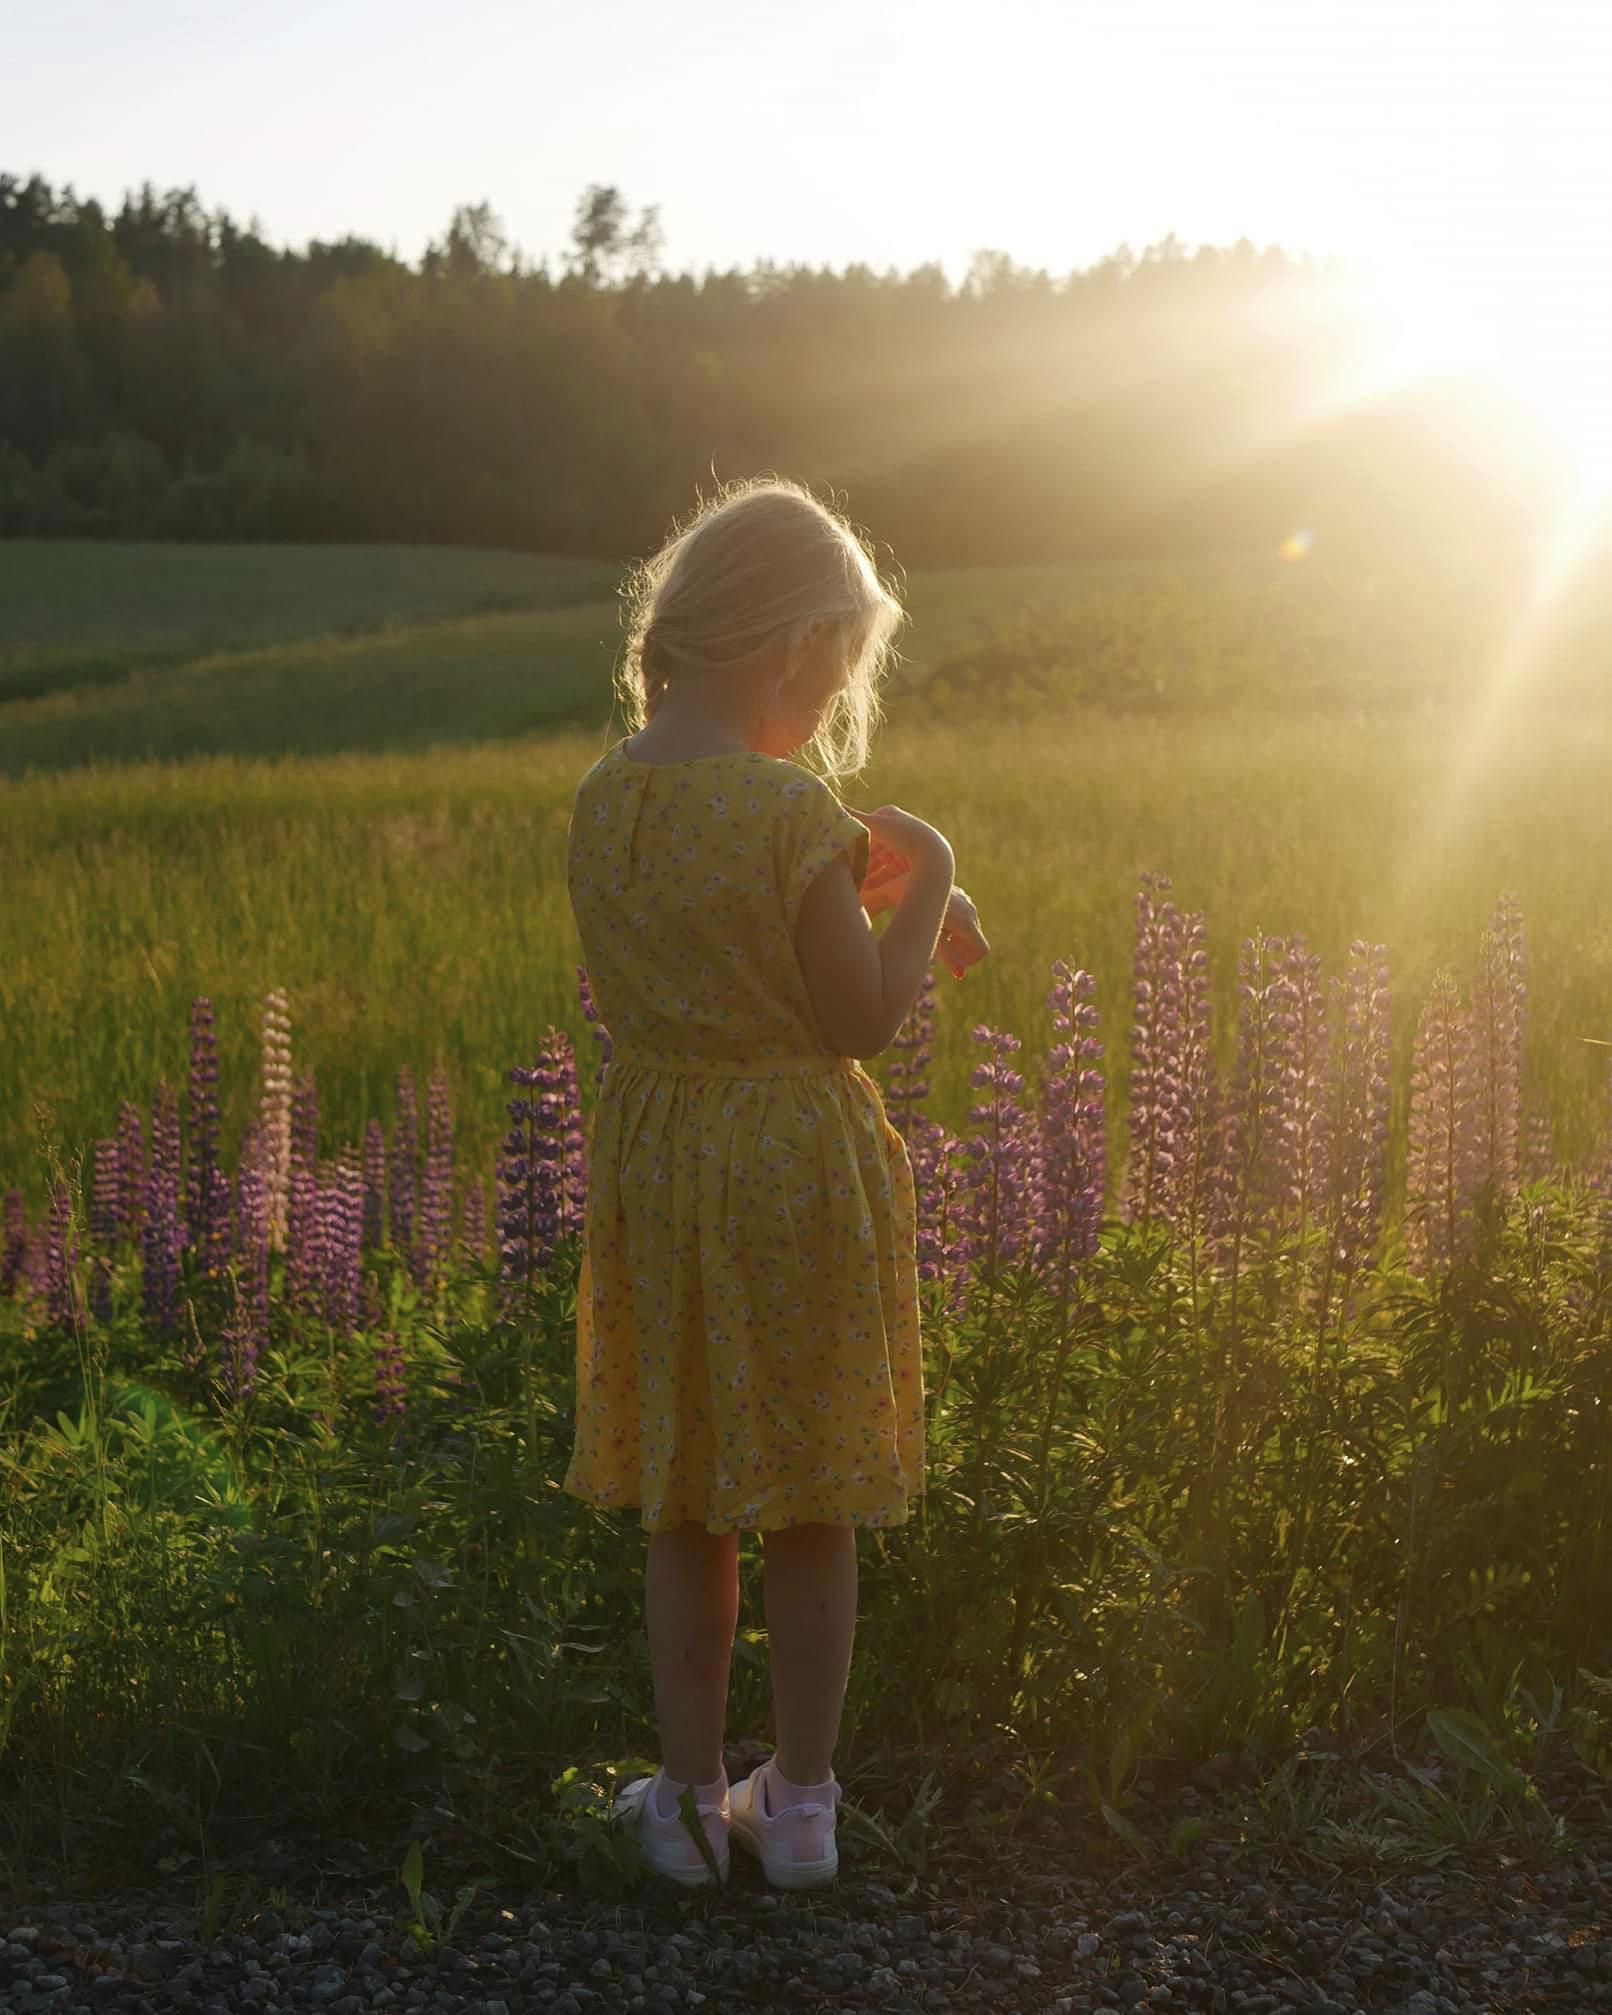 Tyttö ja lupiinit. Kuva: Mira Nurmi